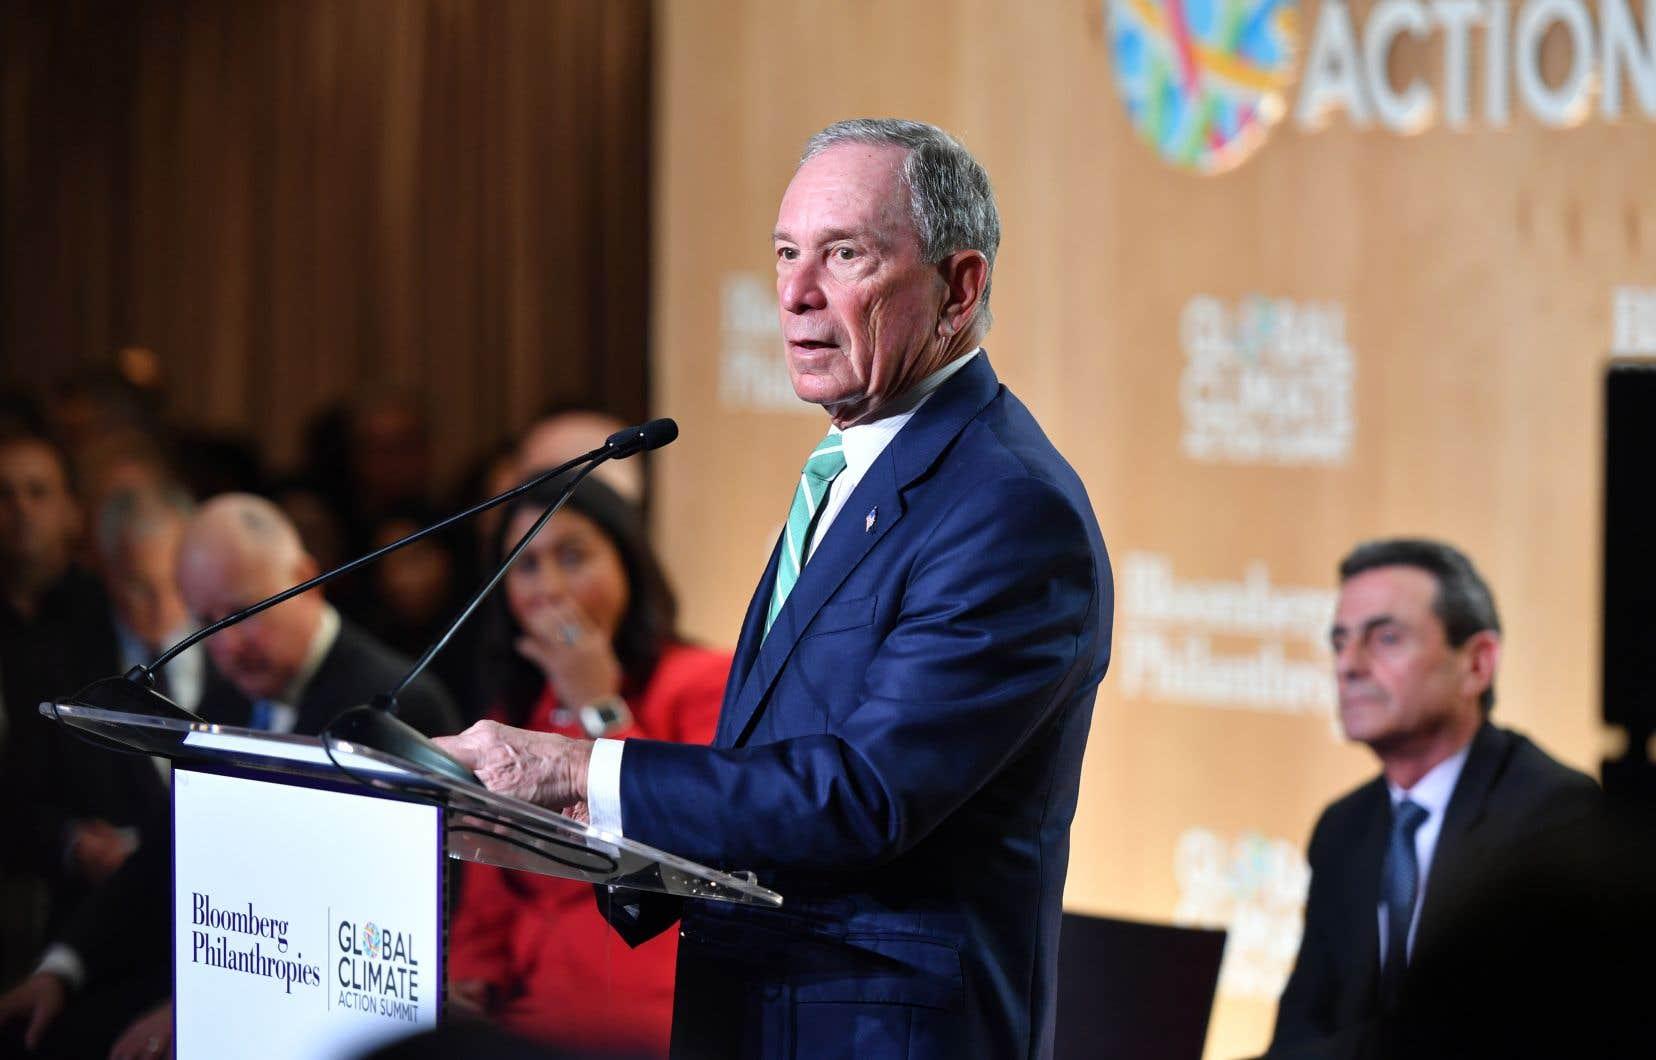 Depuis l'avènement de Donald Trump, Michael Bloomberg Bloomberg a fait de la lutte contre le changement climatique sa grande cause et dénonce l'ineptie des parlementaires républicains sur le sujet.